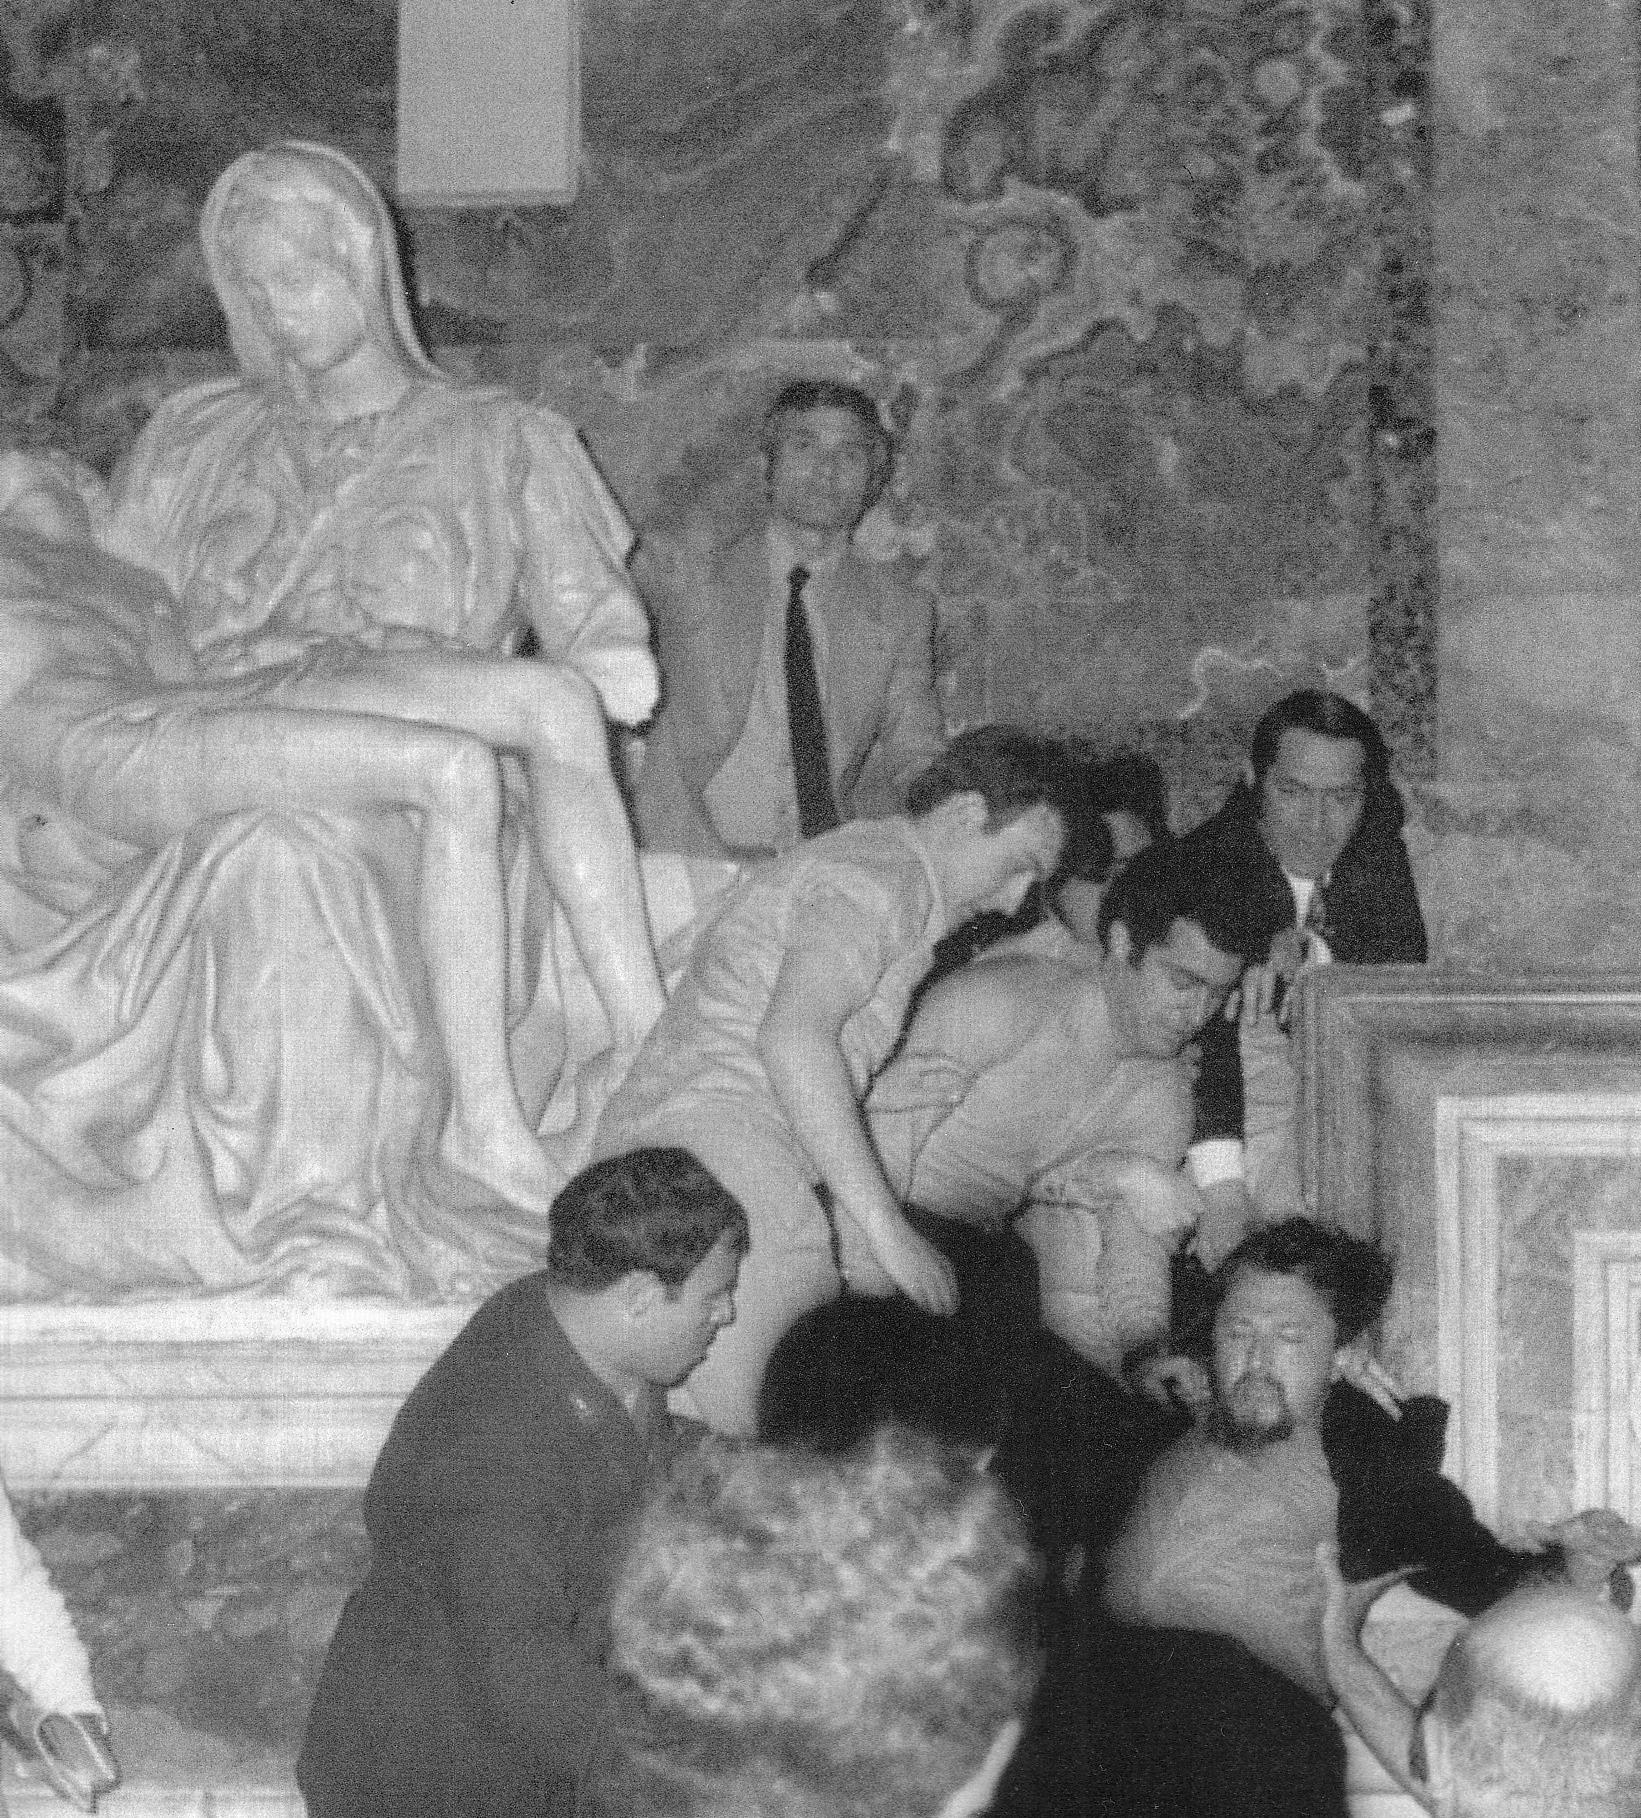 Momentos después de que Laszlo Toth atacara la escultura. Fotografía: Wikimedia Commons